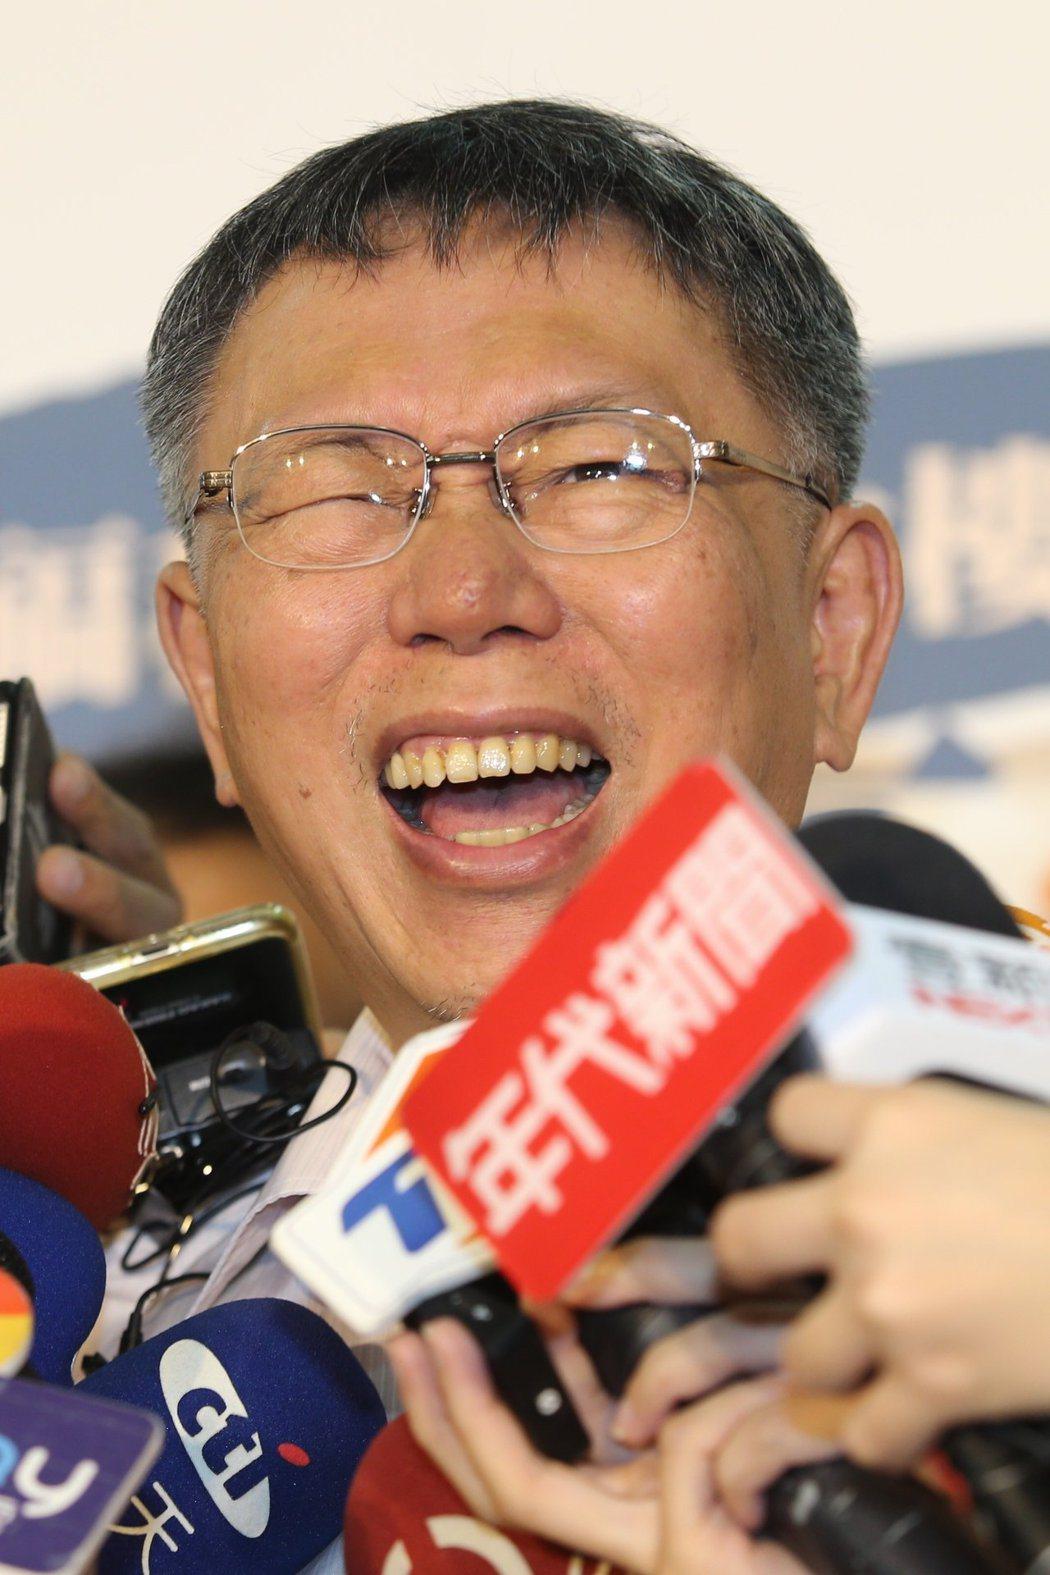 台北市長柯文哲形容「陳菊是比較肥的韓國瑜」,再度引發爭議。圖/聯合報系資料照片